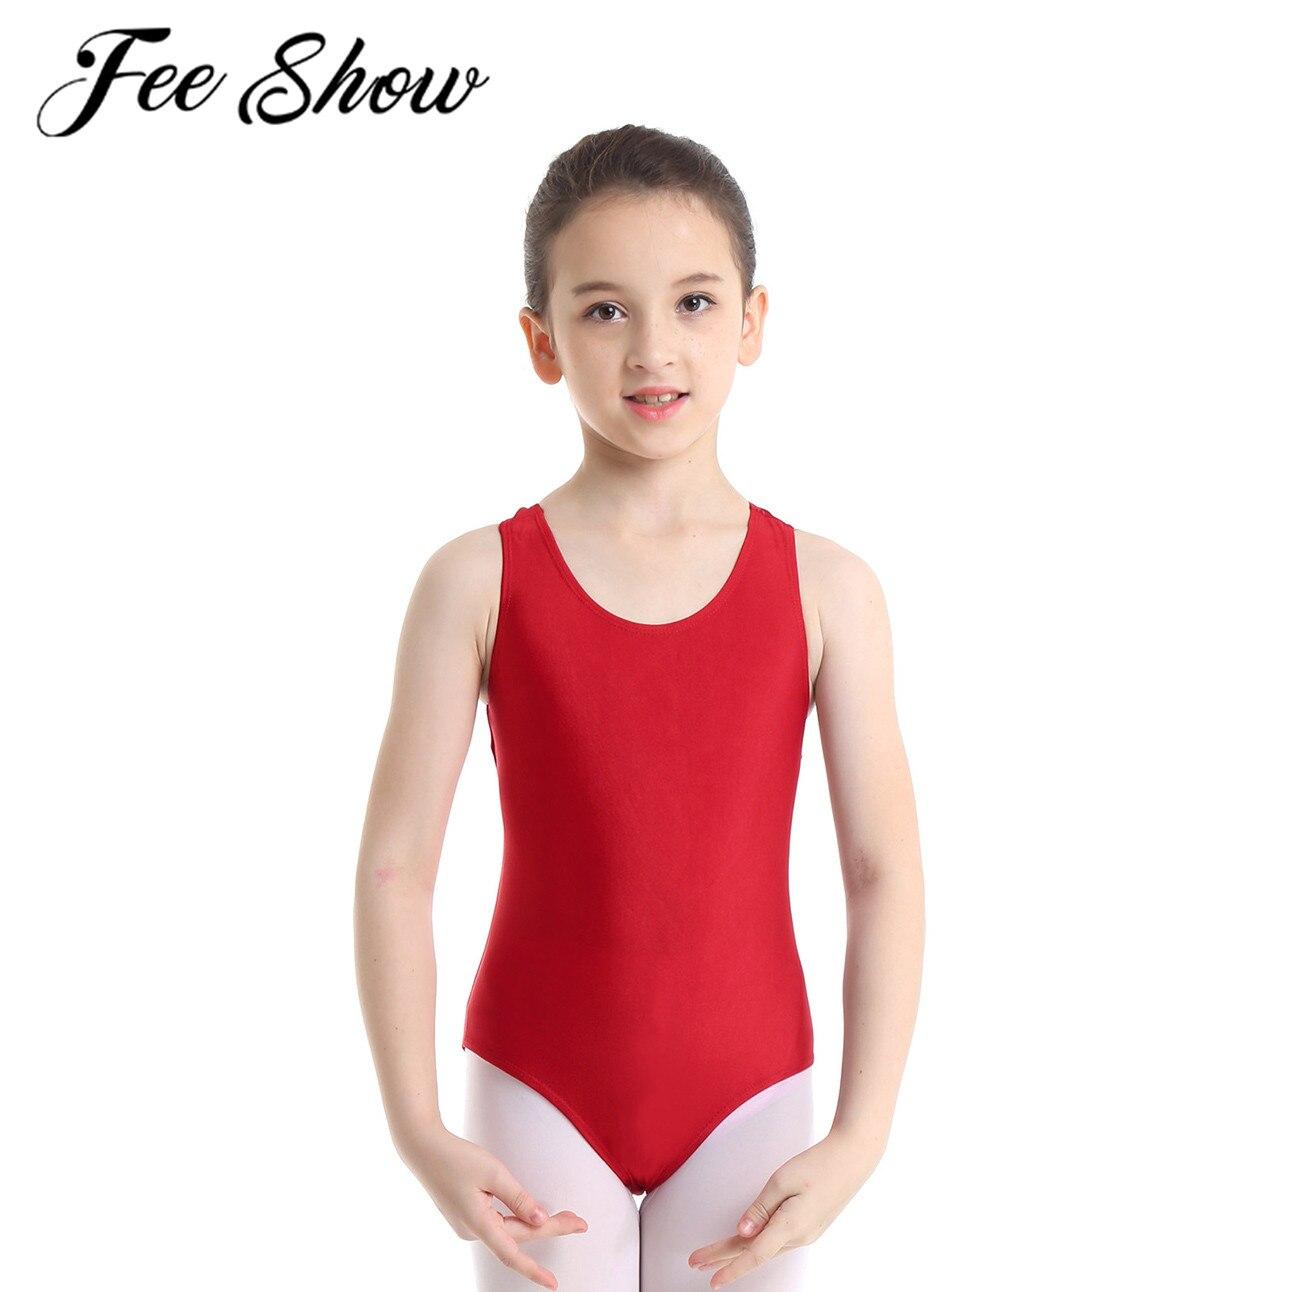 Kids Girls Ballet Dance Bodysuit Gymnastics Workout Leotards Training Costumes